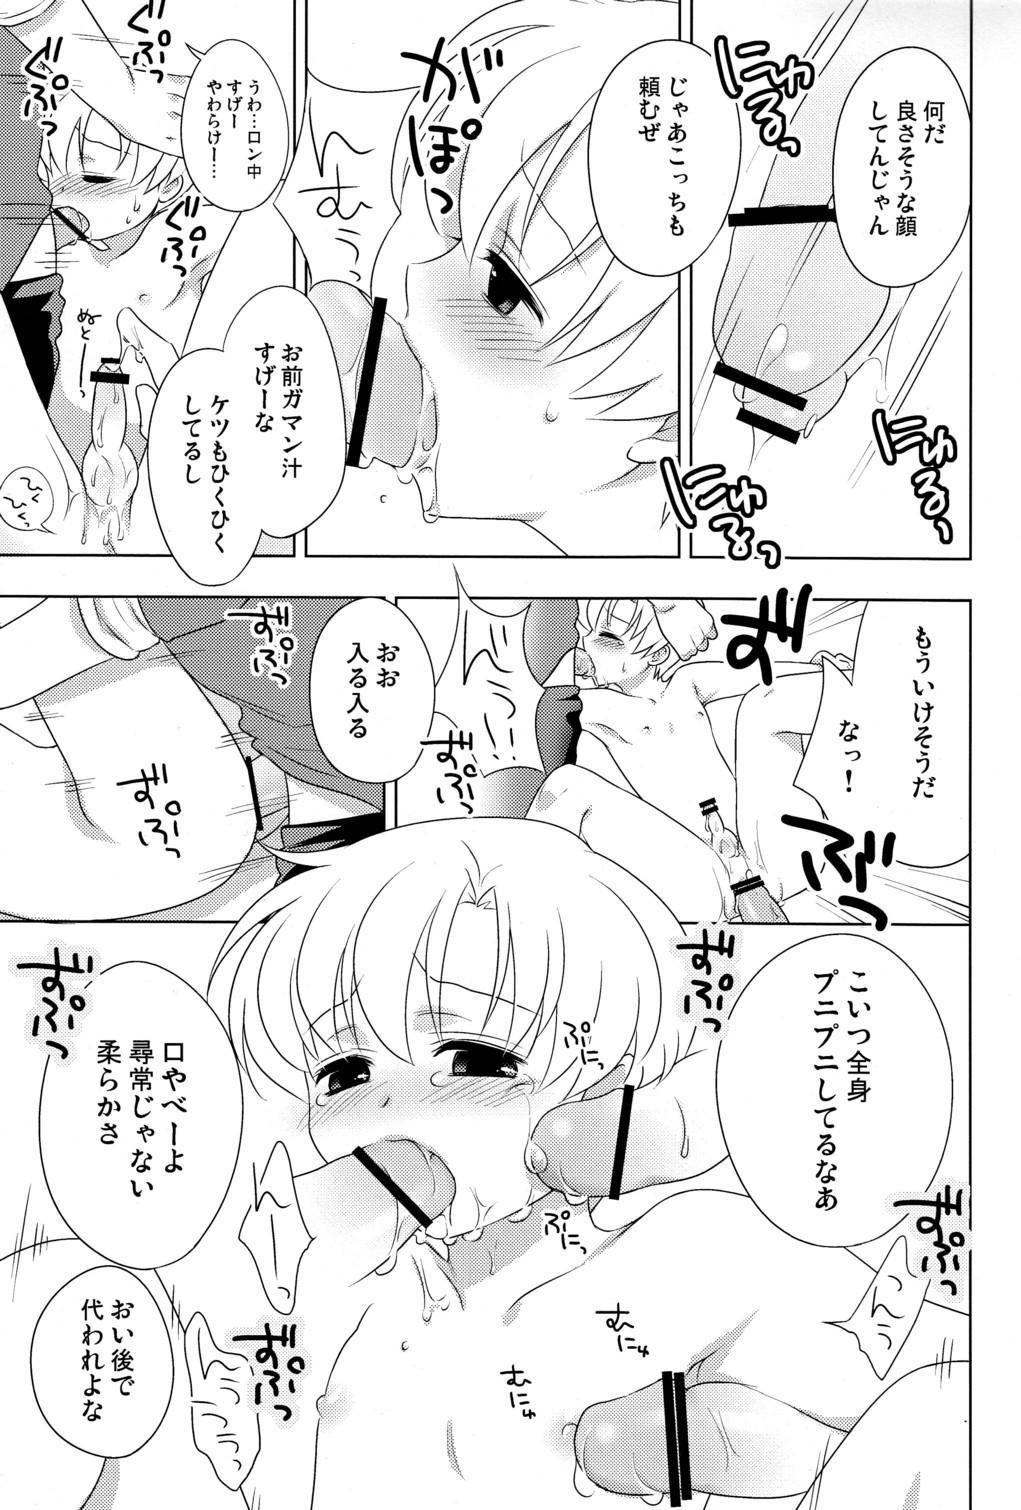 Koi Suru Bokura ha Setsunakute Aitsu wo Omou to Sugu XXX 9